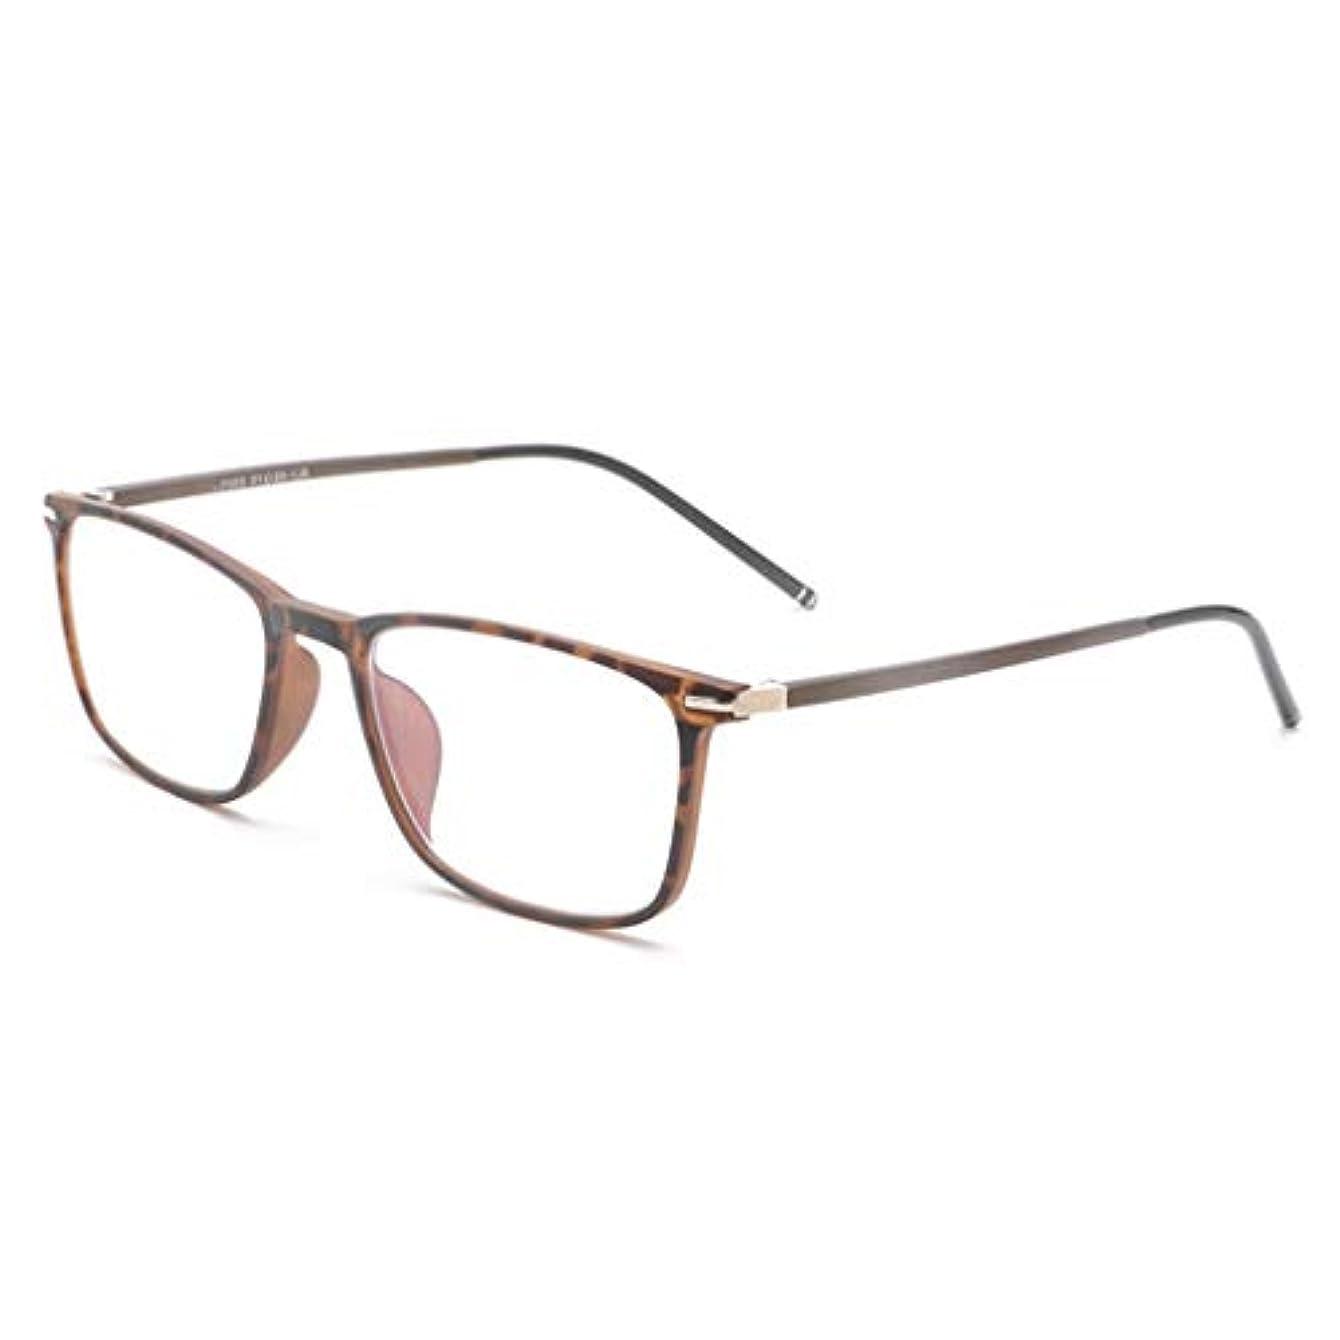 漸近多焦点メガネ、3レベルビジョンリーダー、プログレッシブマルチフォーカスコンピュータ用老眼鏡、メンズ/レディース用光学アイウェア